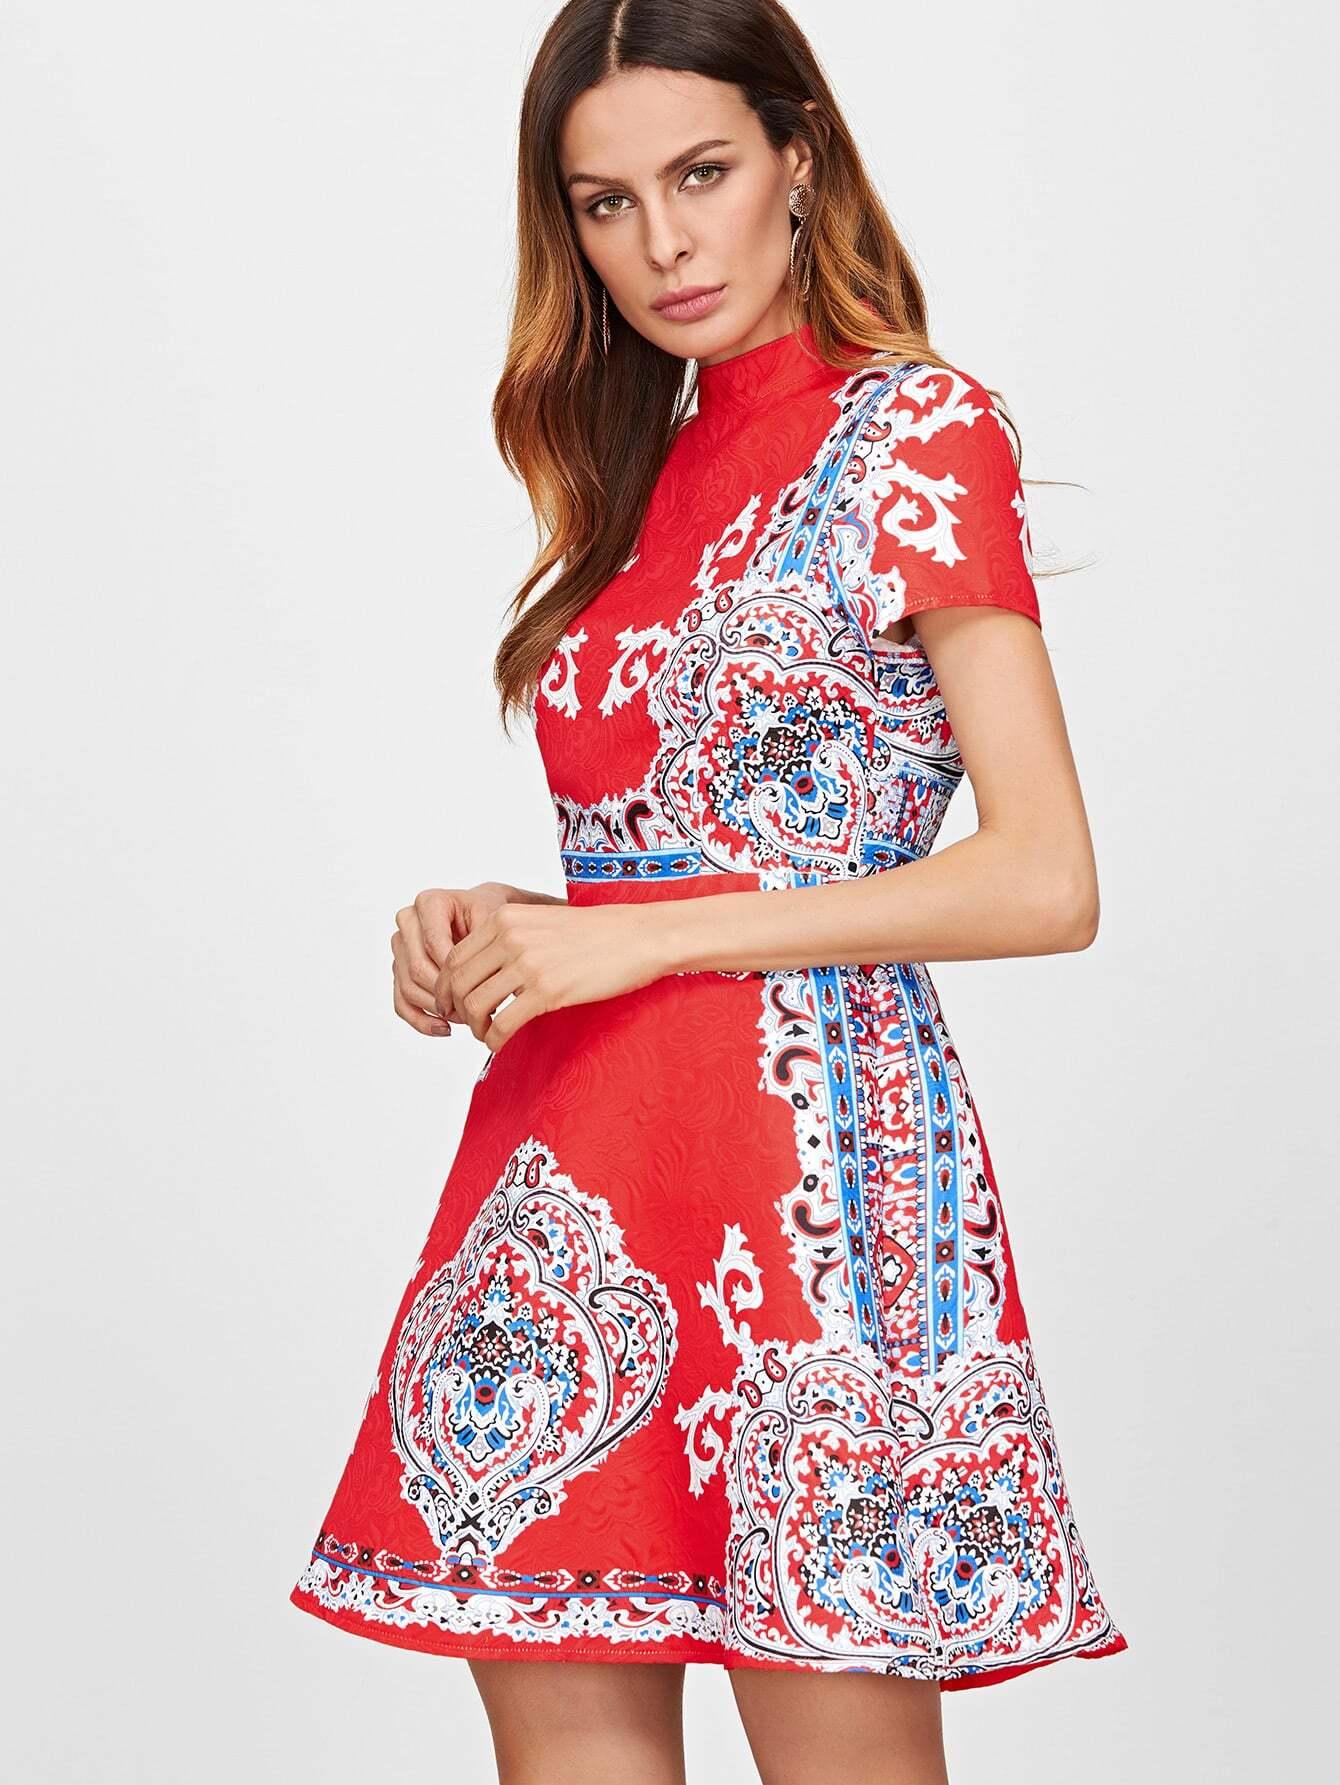 dress161223704_2